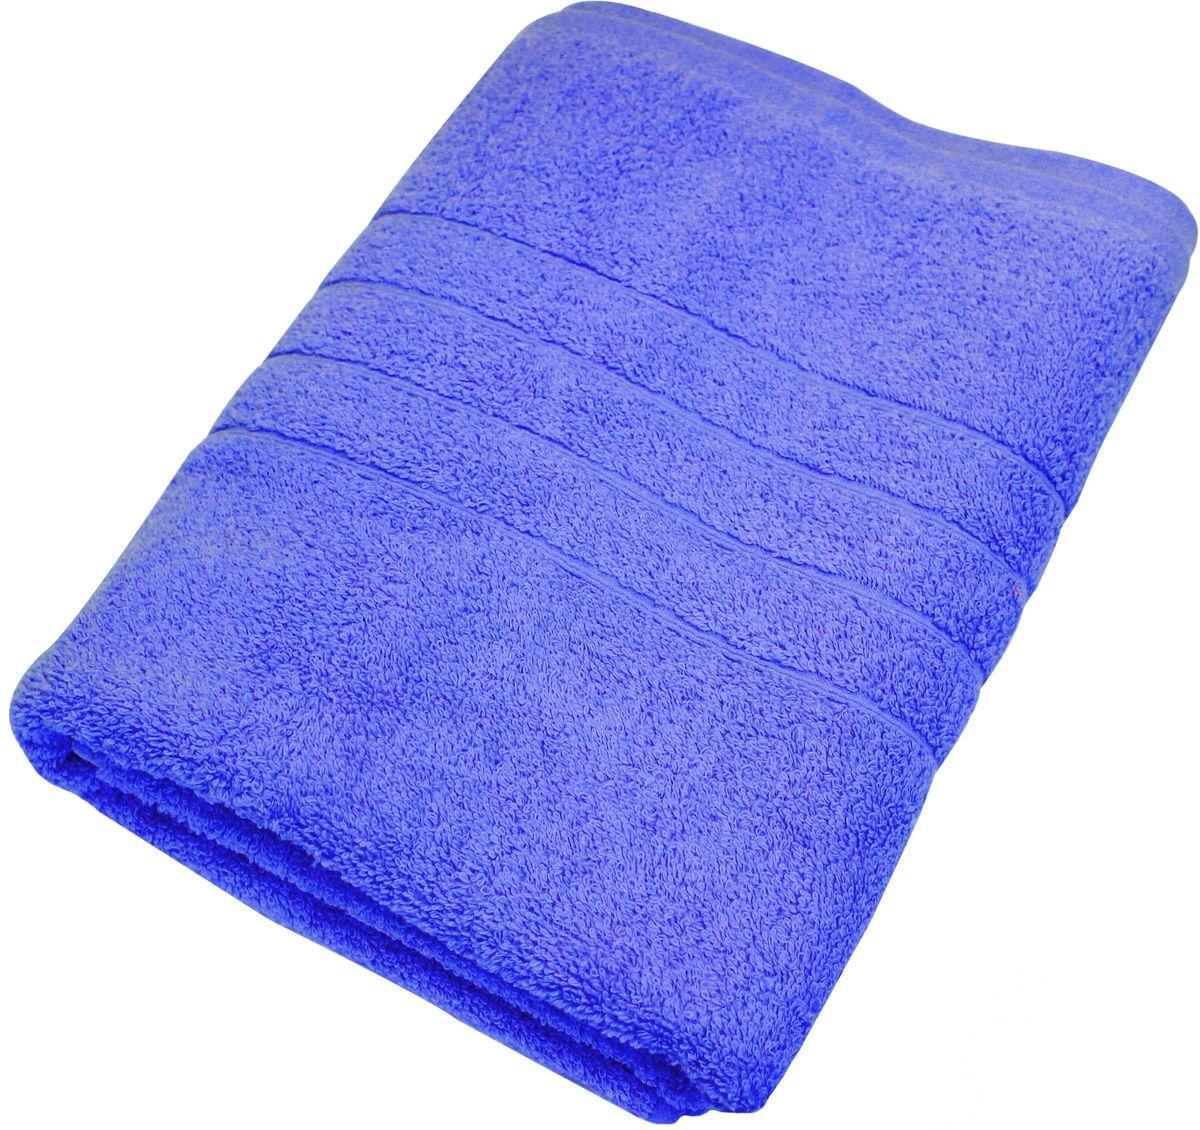 Полотенце Proffi Home Модерн, цвет: синий, 70 x 140 см68/5/1Мягкое махровое полотенцеProffi Home Модерн отлично впитывает влагу и быстро сохнет, приятно в него завернуться после принятия ванны или посещения сауны. Поэтому данное махровое полотенце можно использовать в качестве душевого, банного или пляжного полотенца. Состав: 100% хлопок.